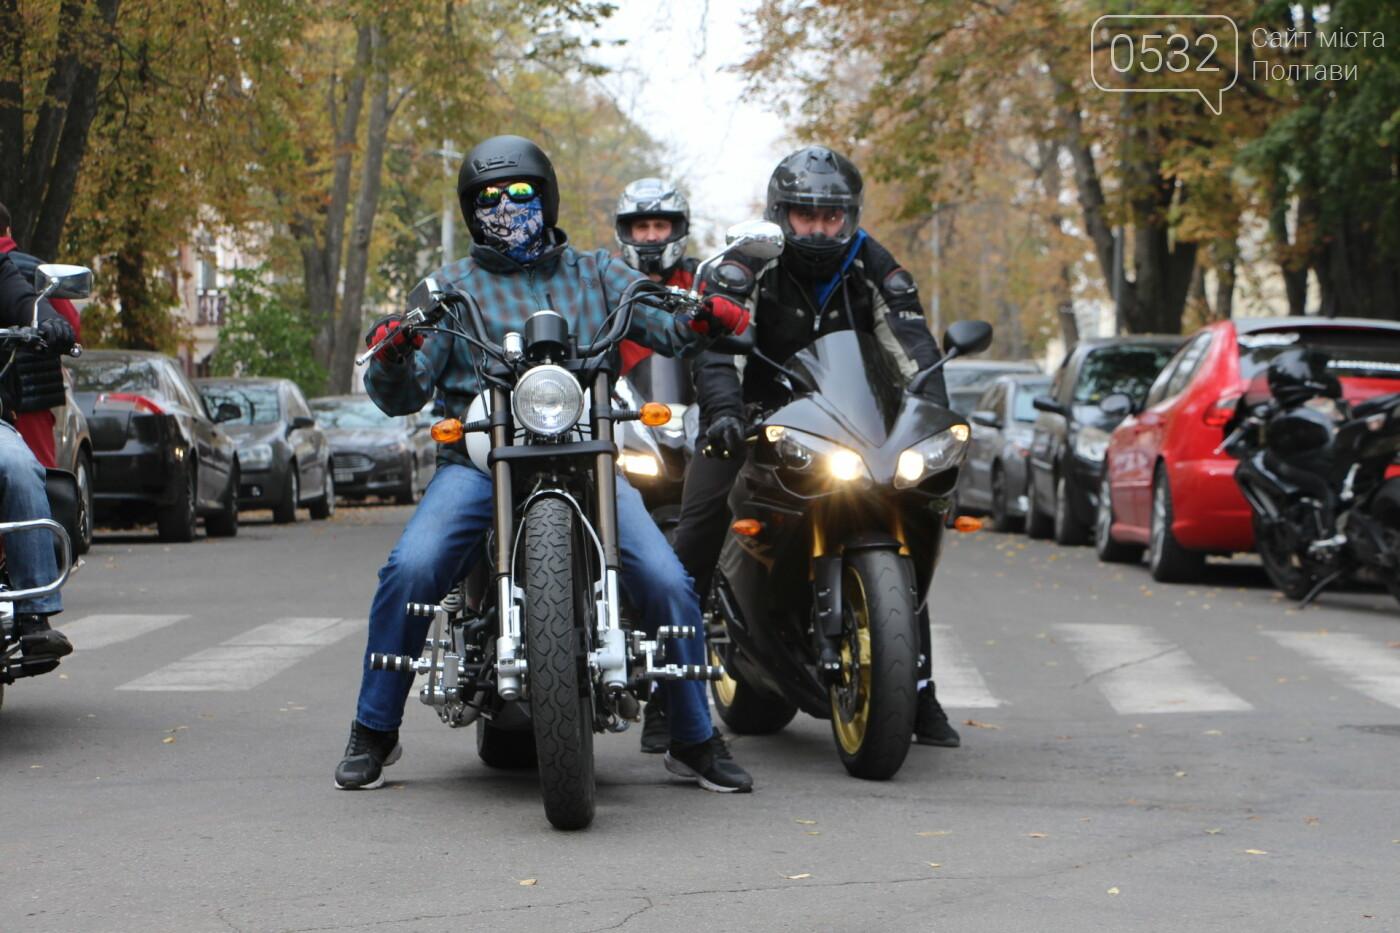 У Полтаві сотні байкерів приїхали на закриття мотосезону (ФОТОРЕПОРТАЖ), фото-1